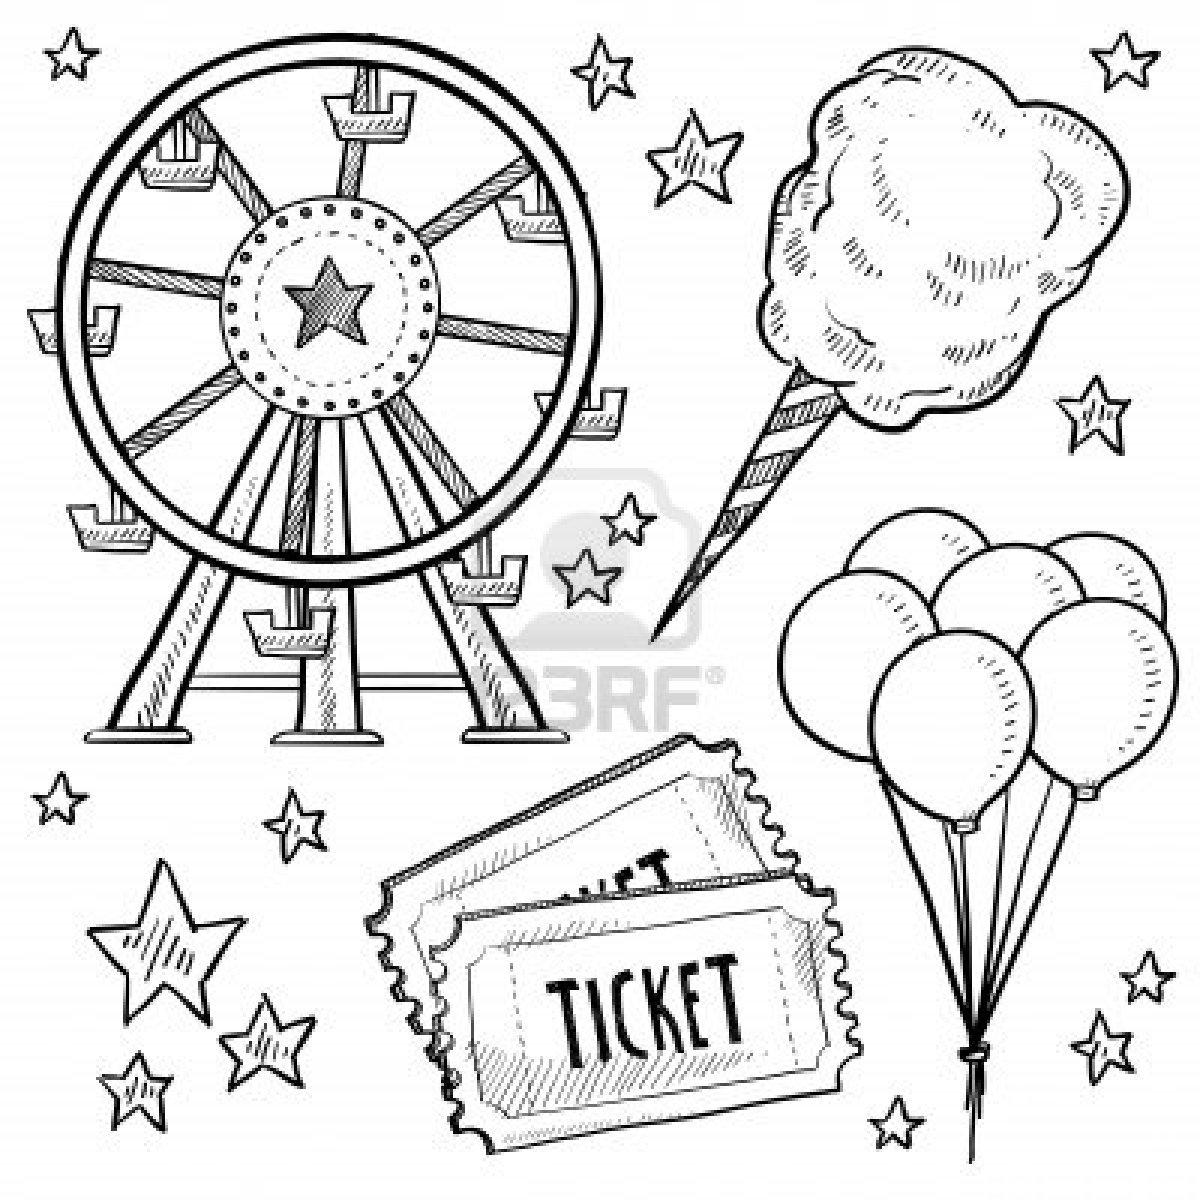 Ferris Wheel clipart vintage carnival Equipment Doodle fair fun clip